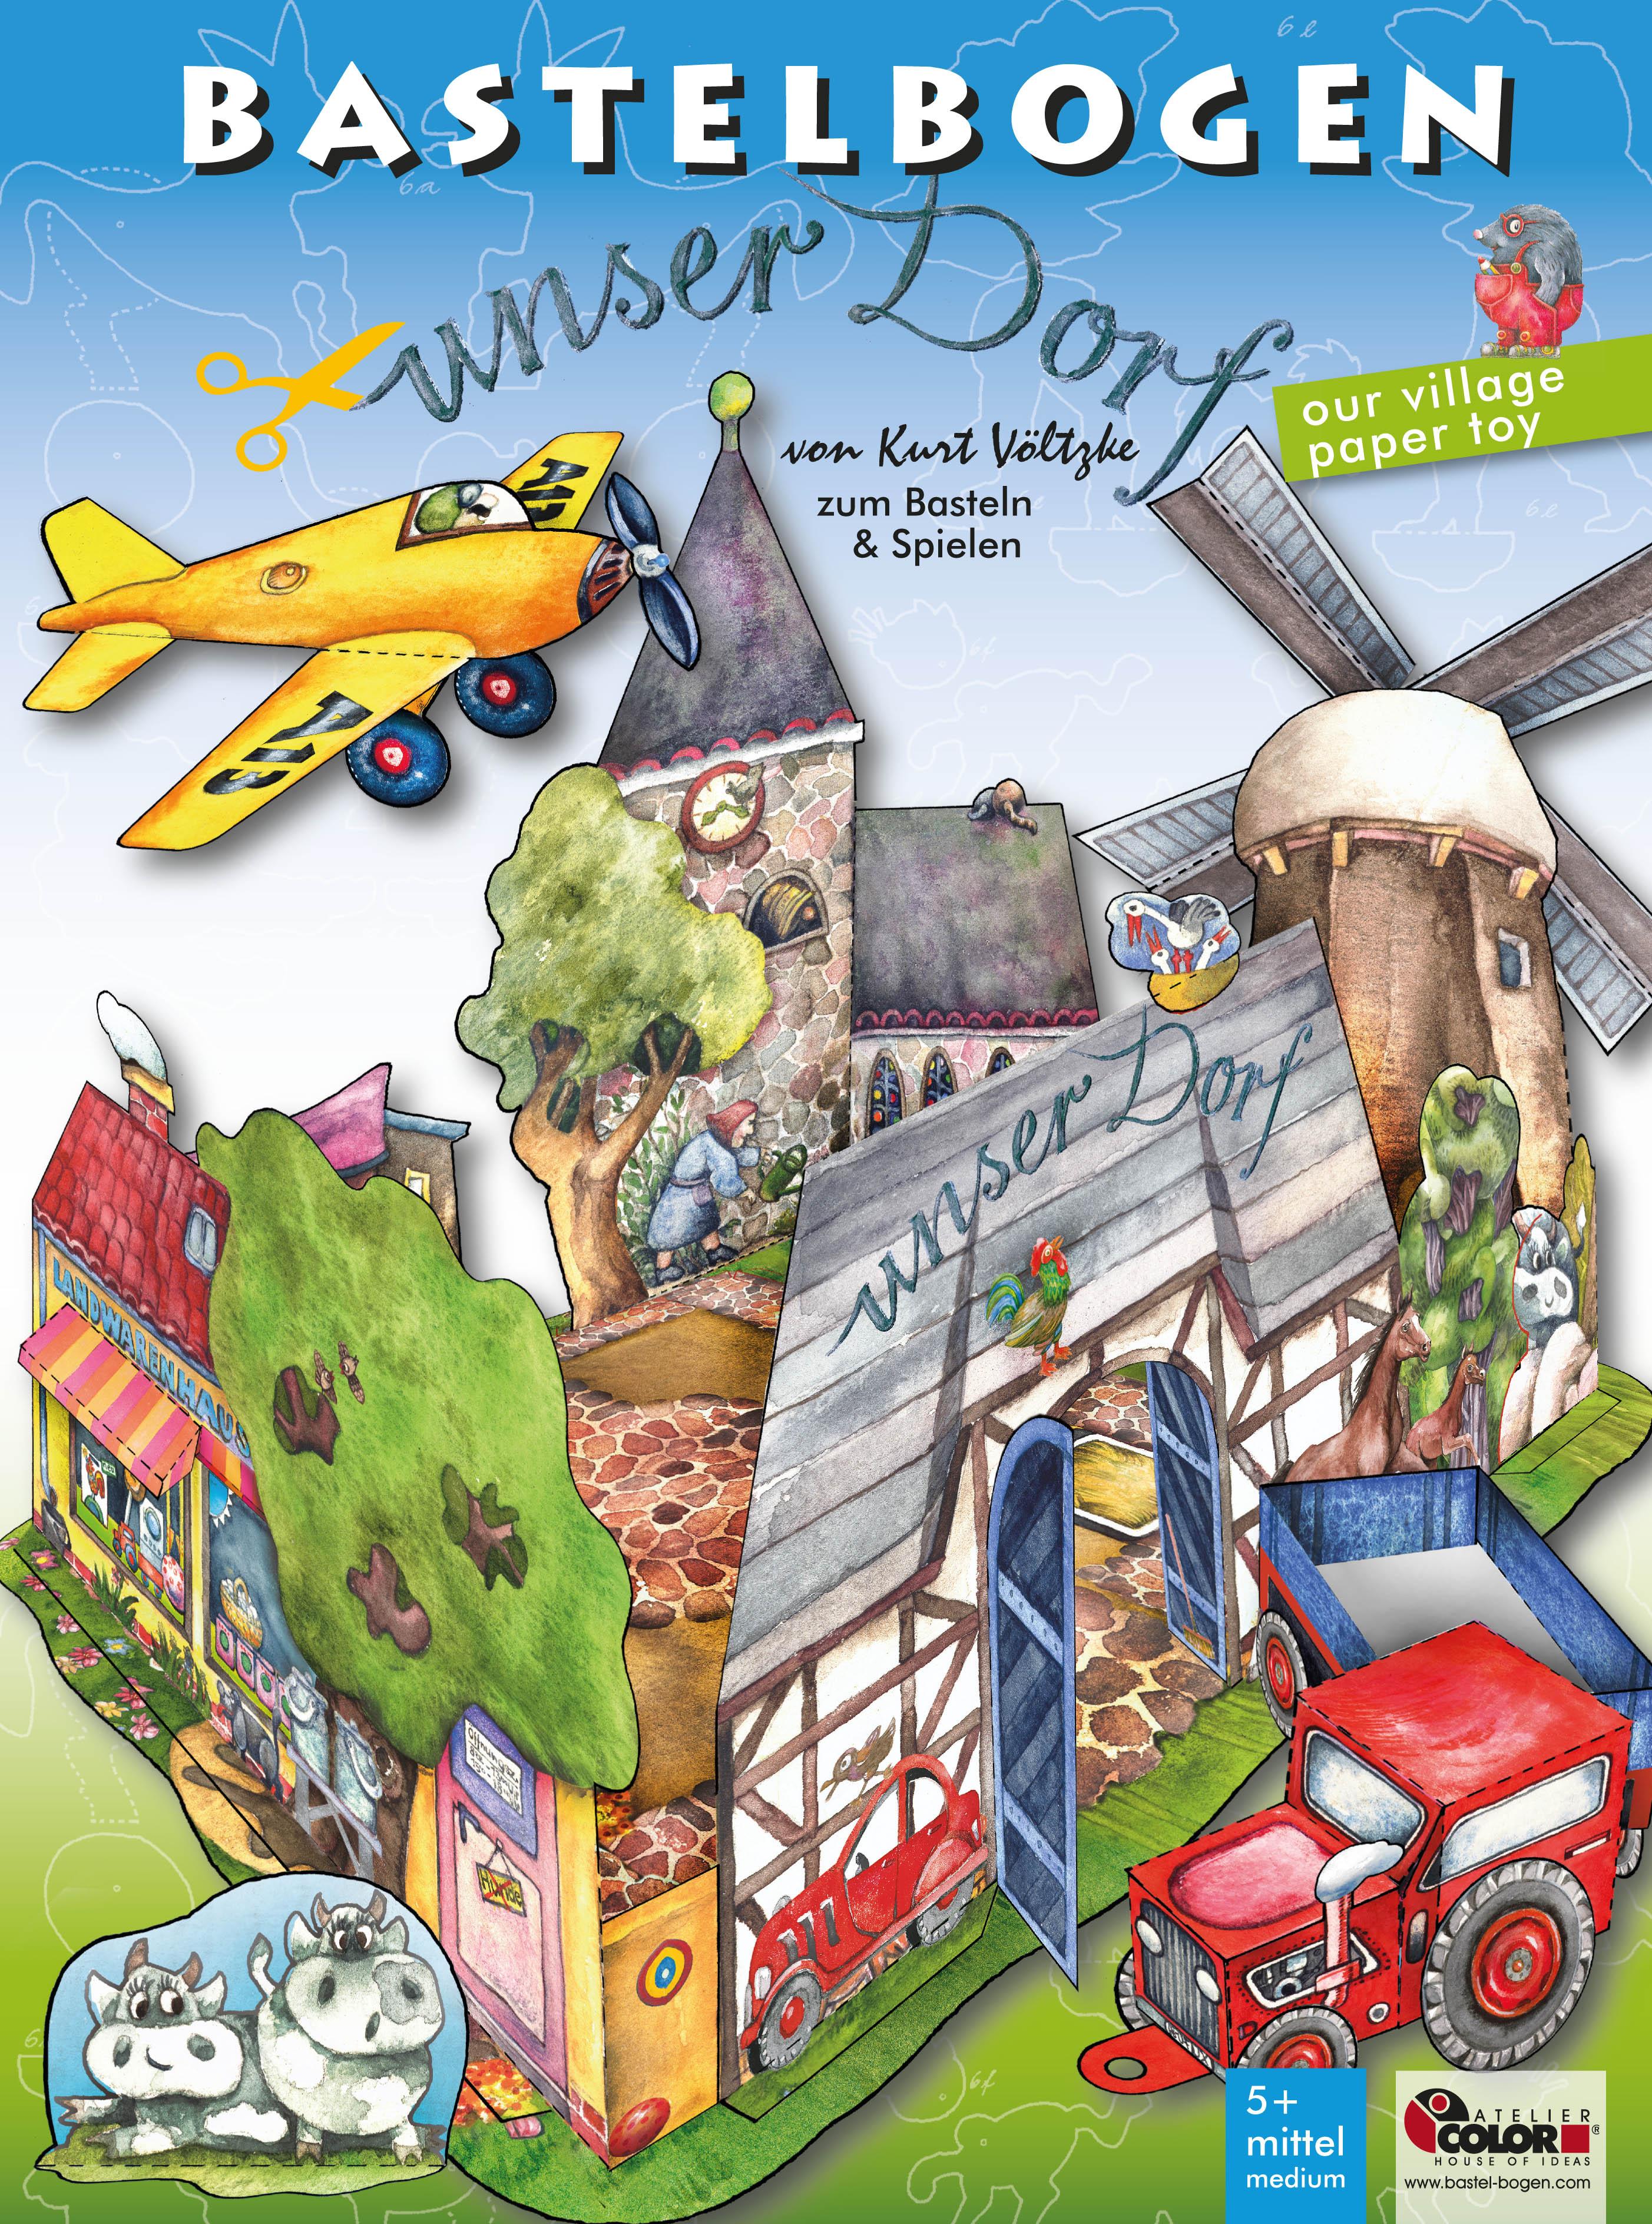 unser Dorf our village paper toy Papierspielzeug zum Basteln